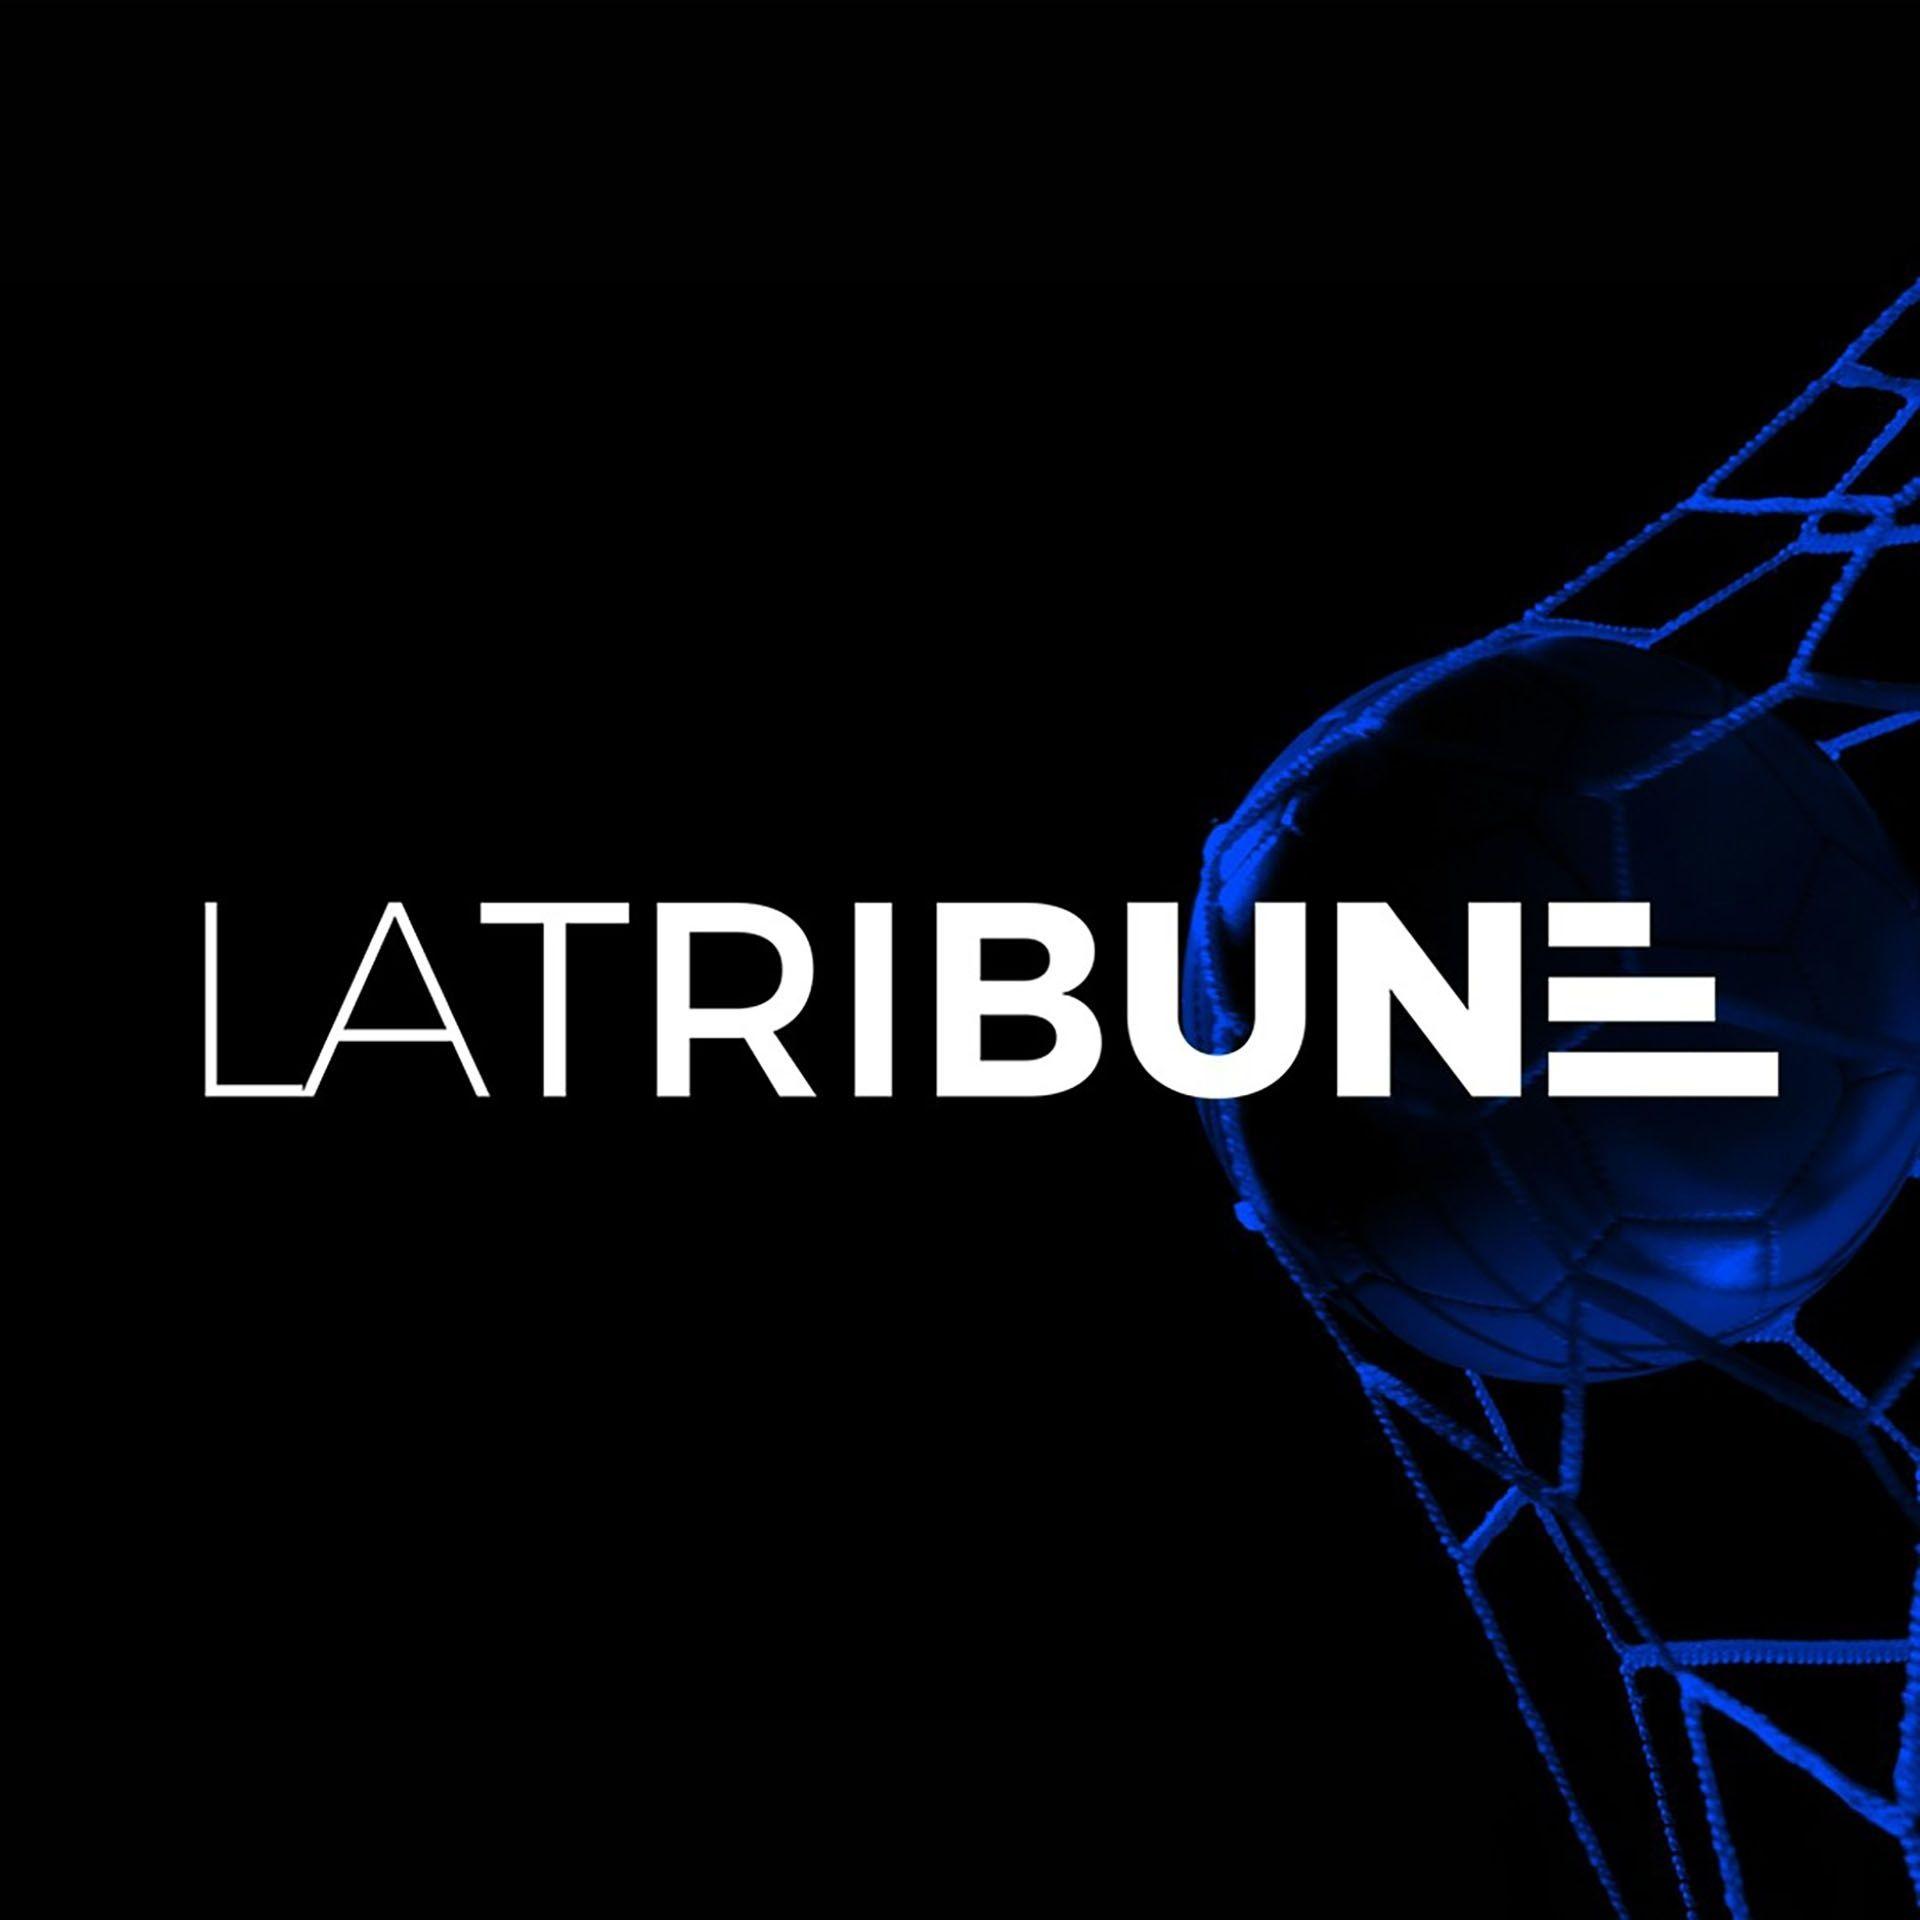 La Tribune - Podcast